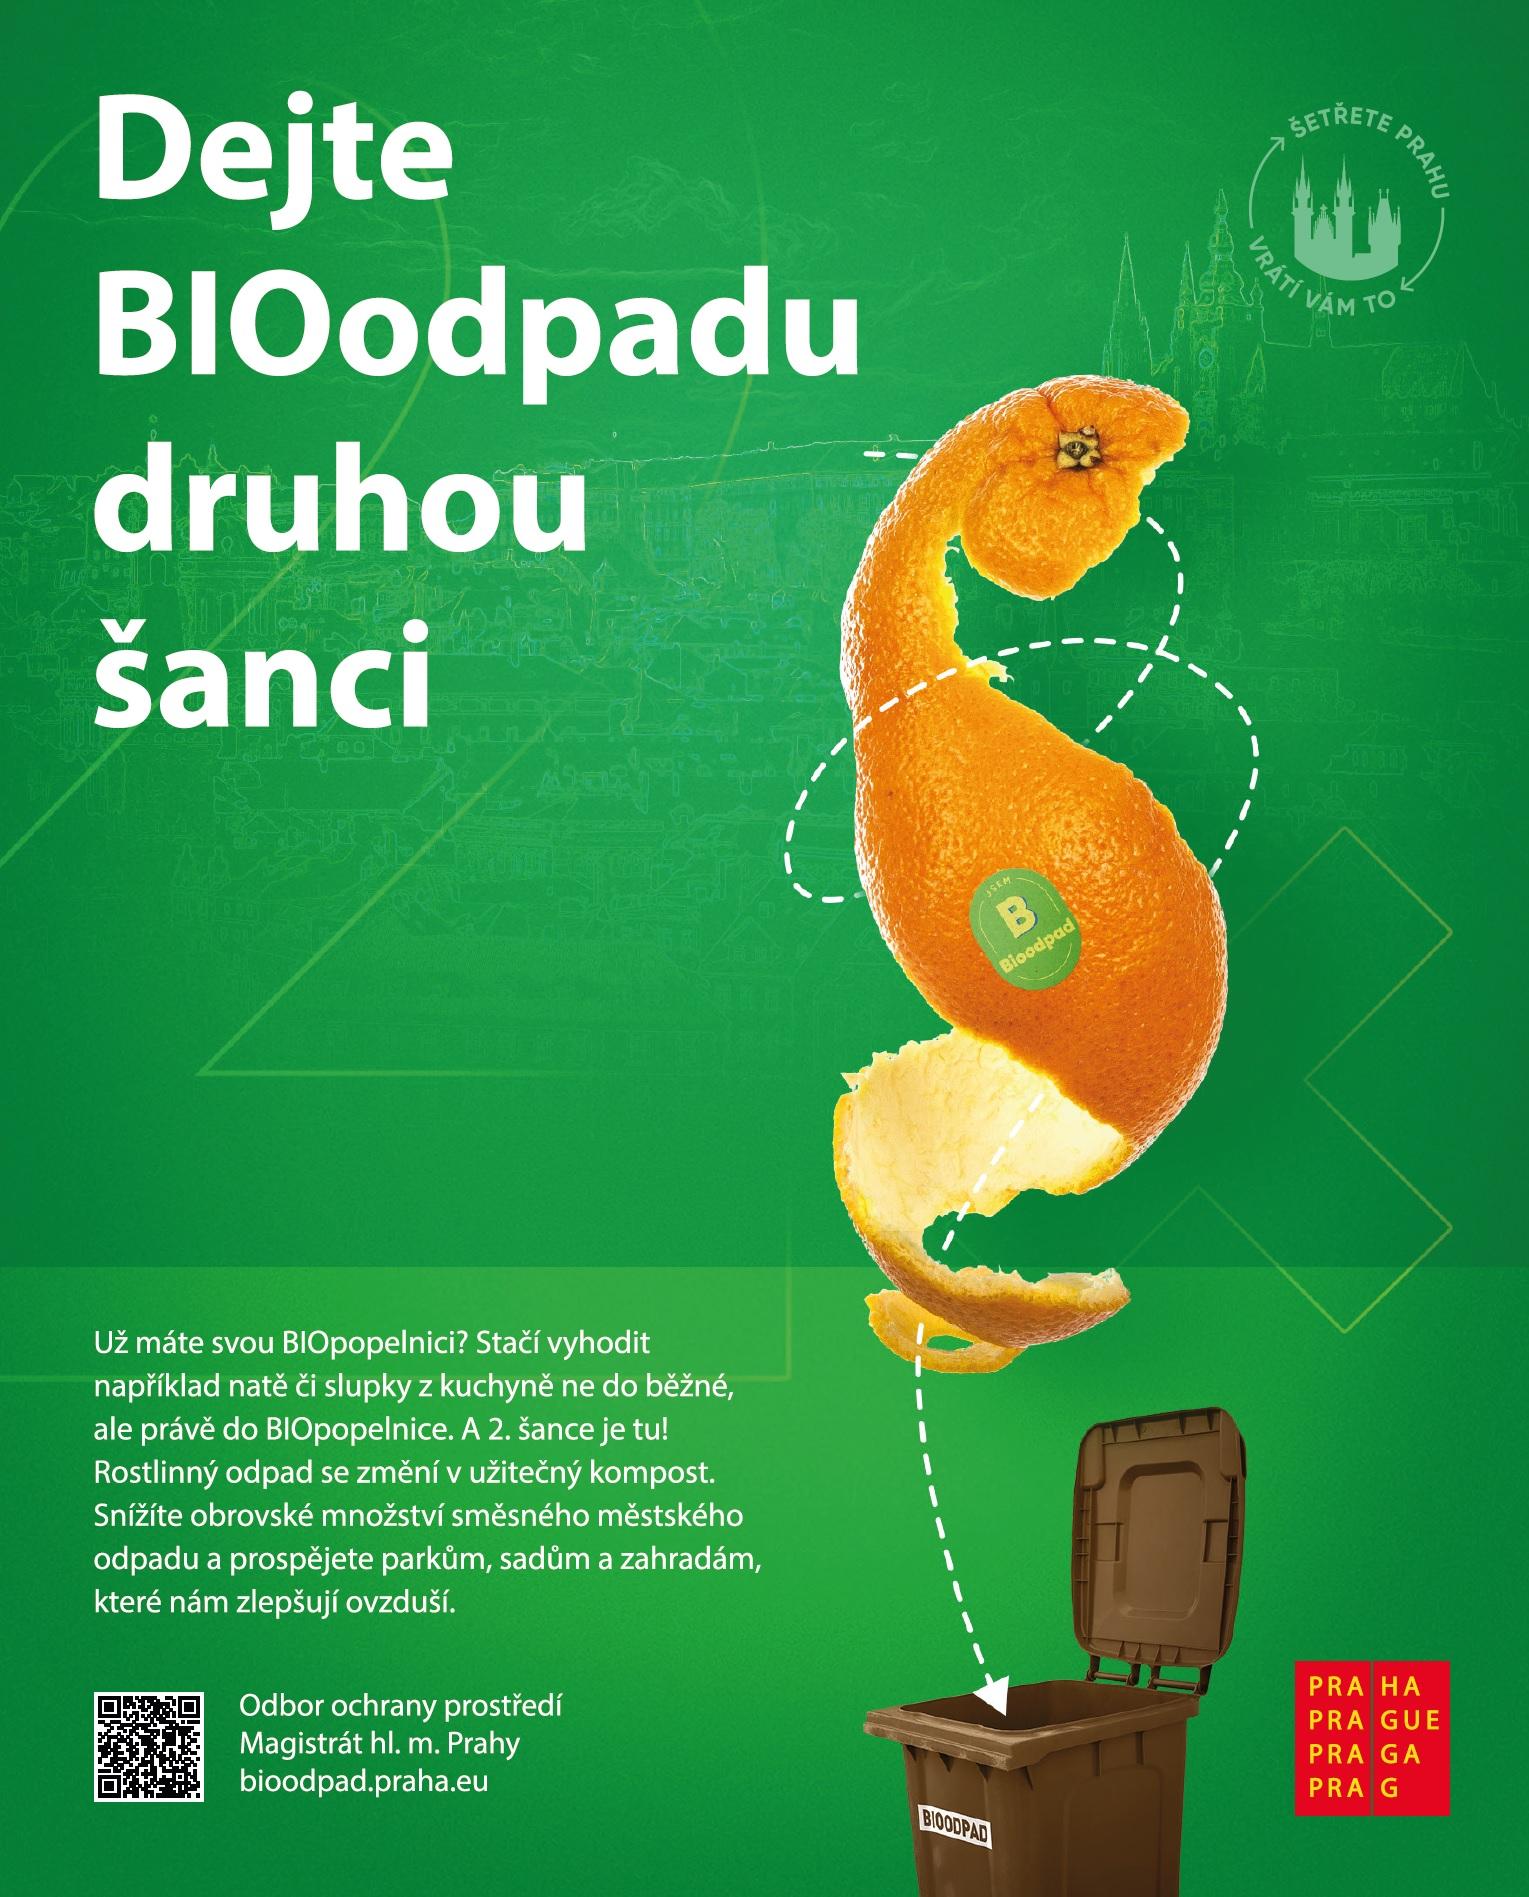 dejte-bioodpadu-druhou-sanci